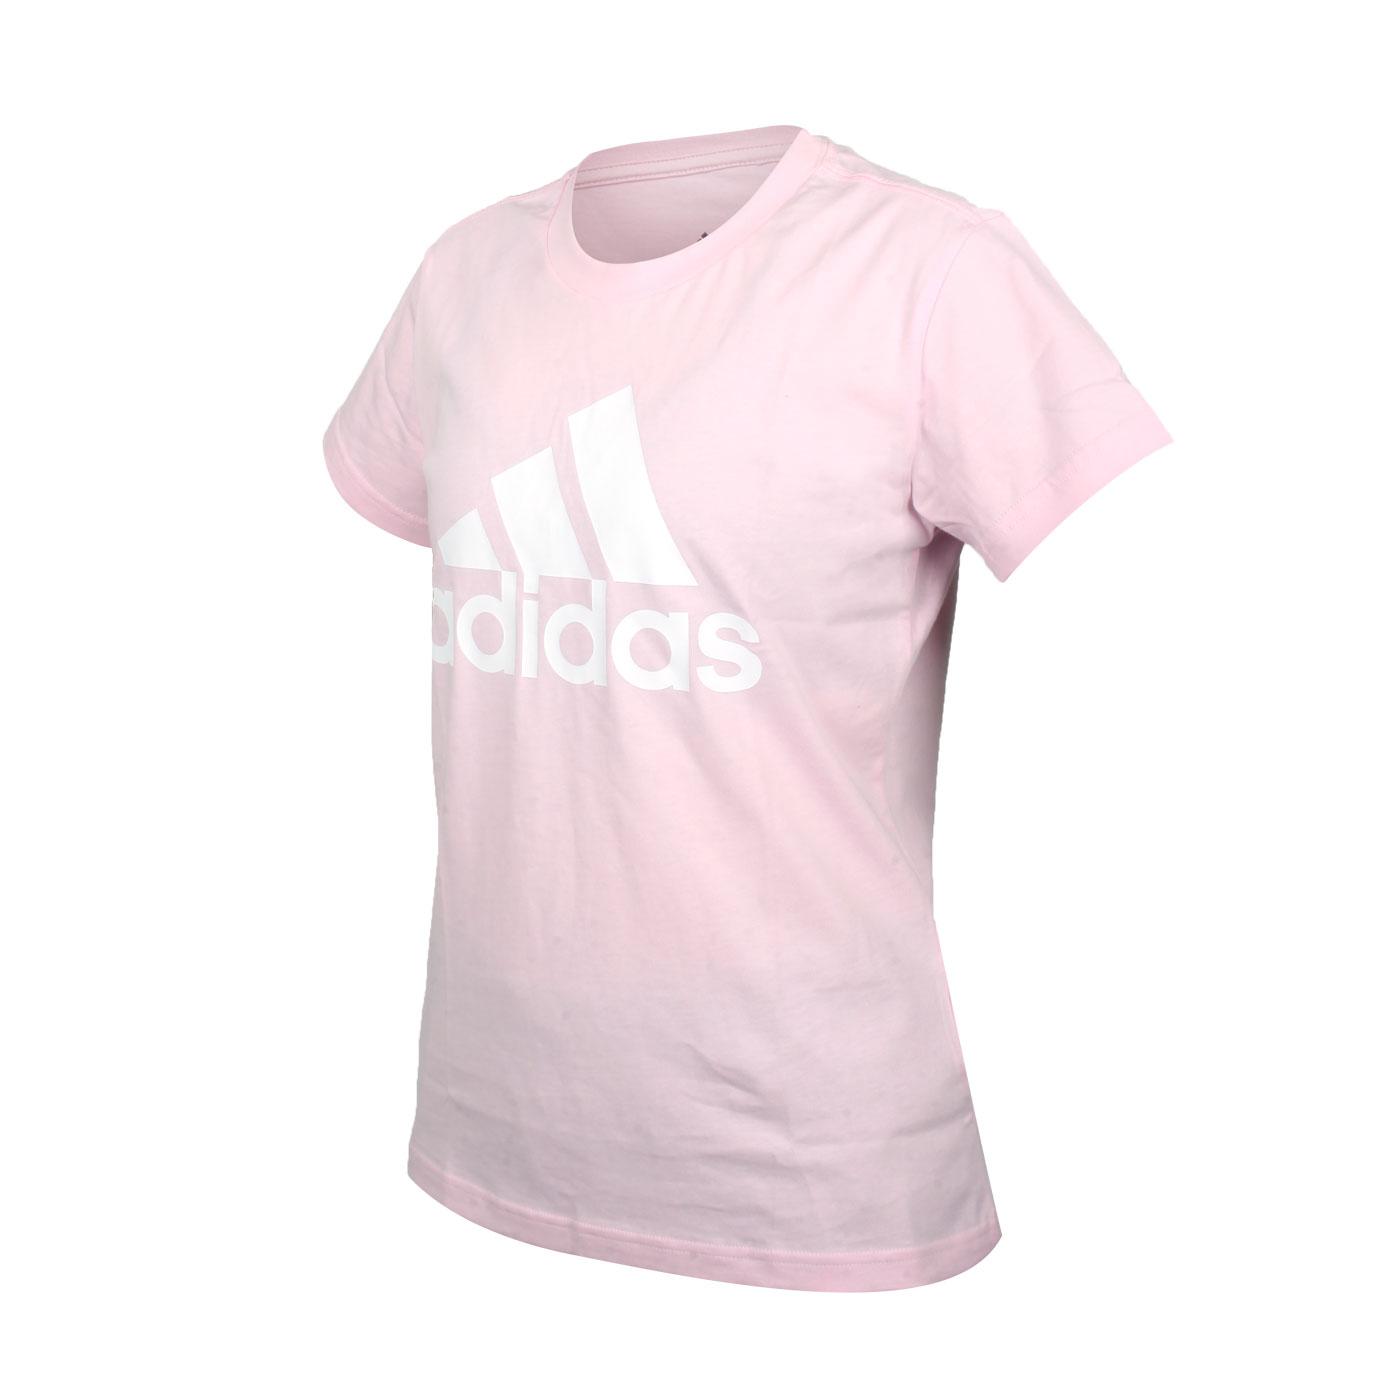 ADIDAS 女款短袖T恤 GL0726 - 粉紅白